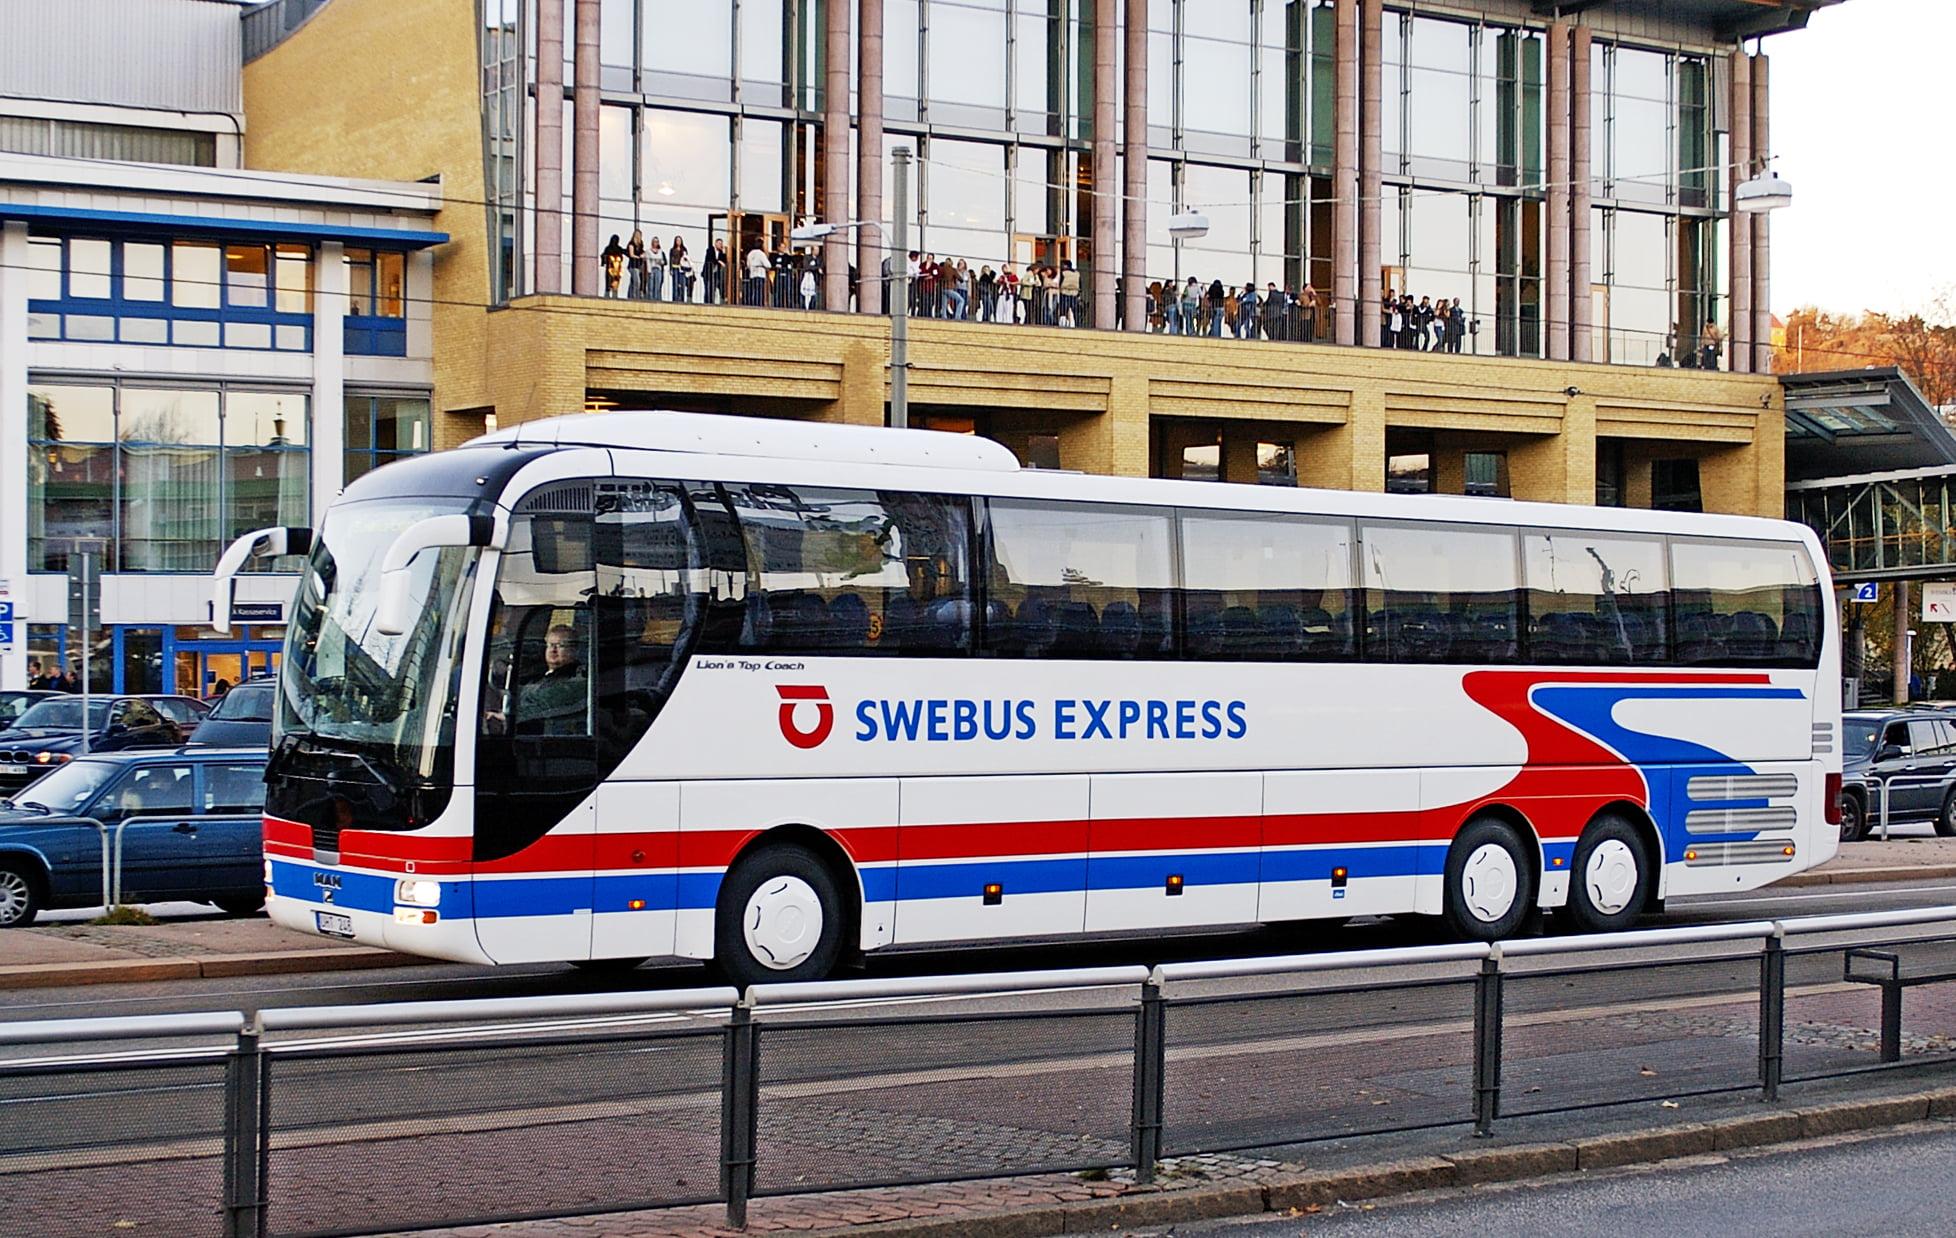 Autobus de Suecia